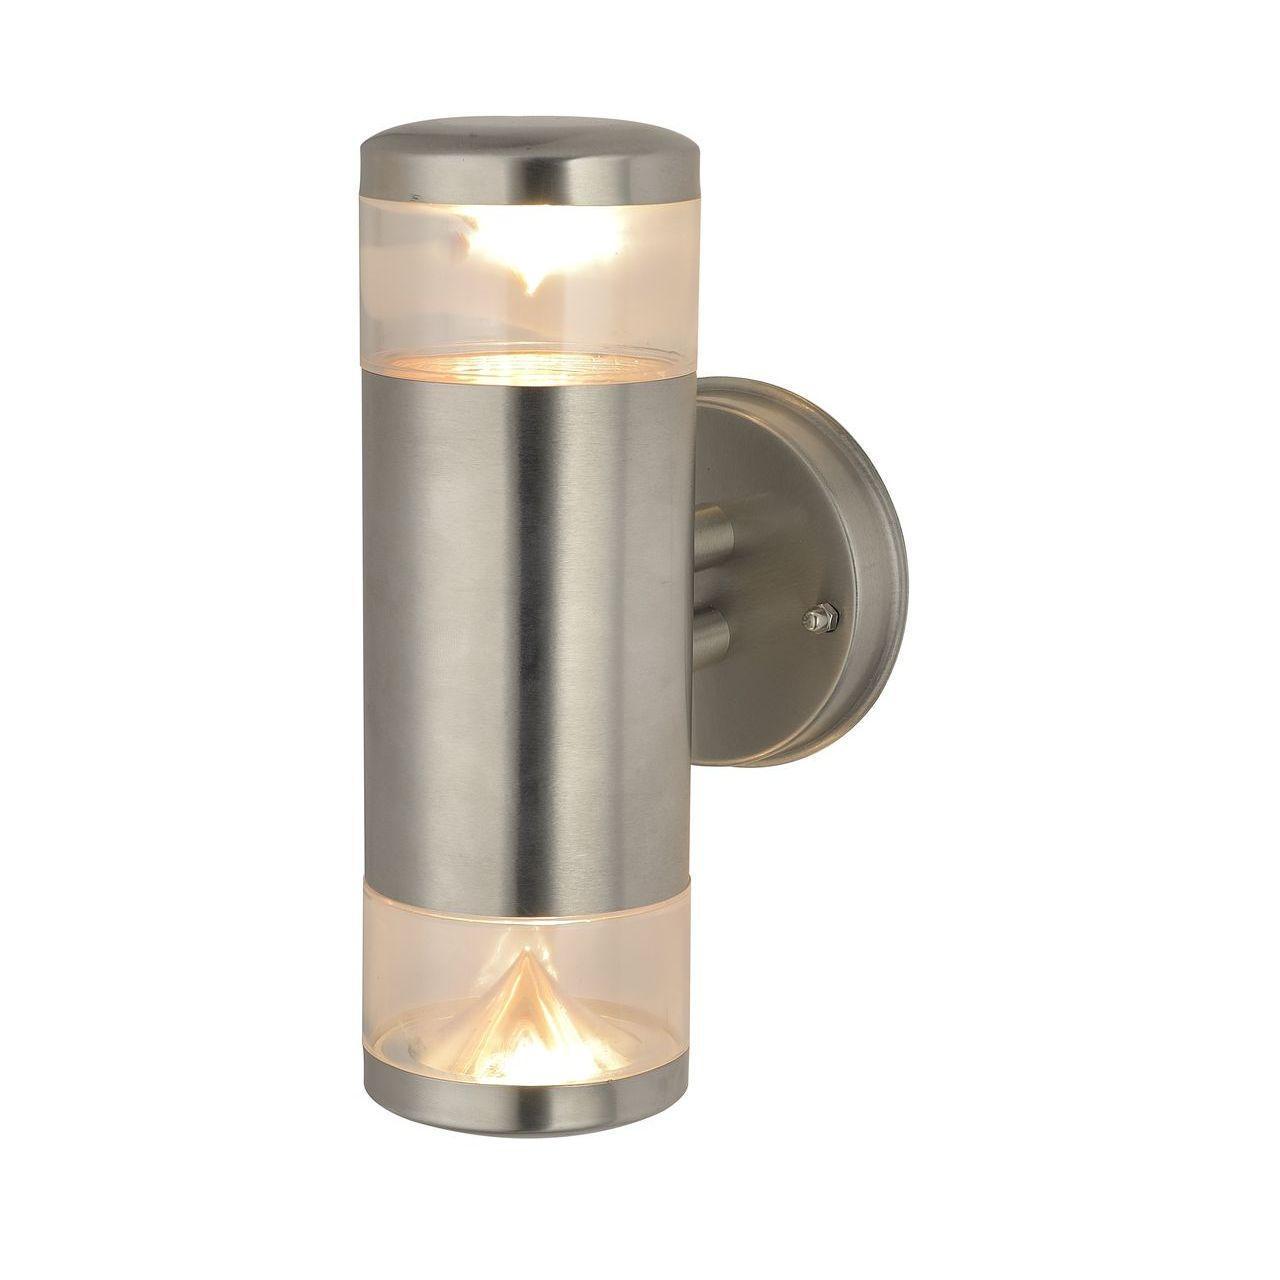 Уличный настенный светильник Arte Lamp Intrigo A8161AL-2SS цена и фото